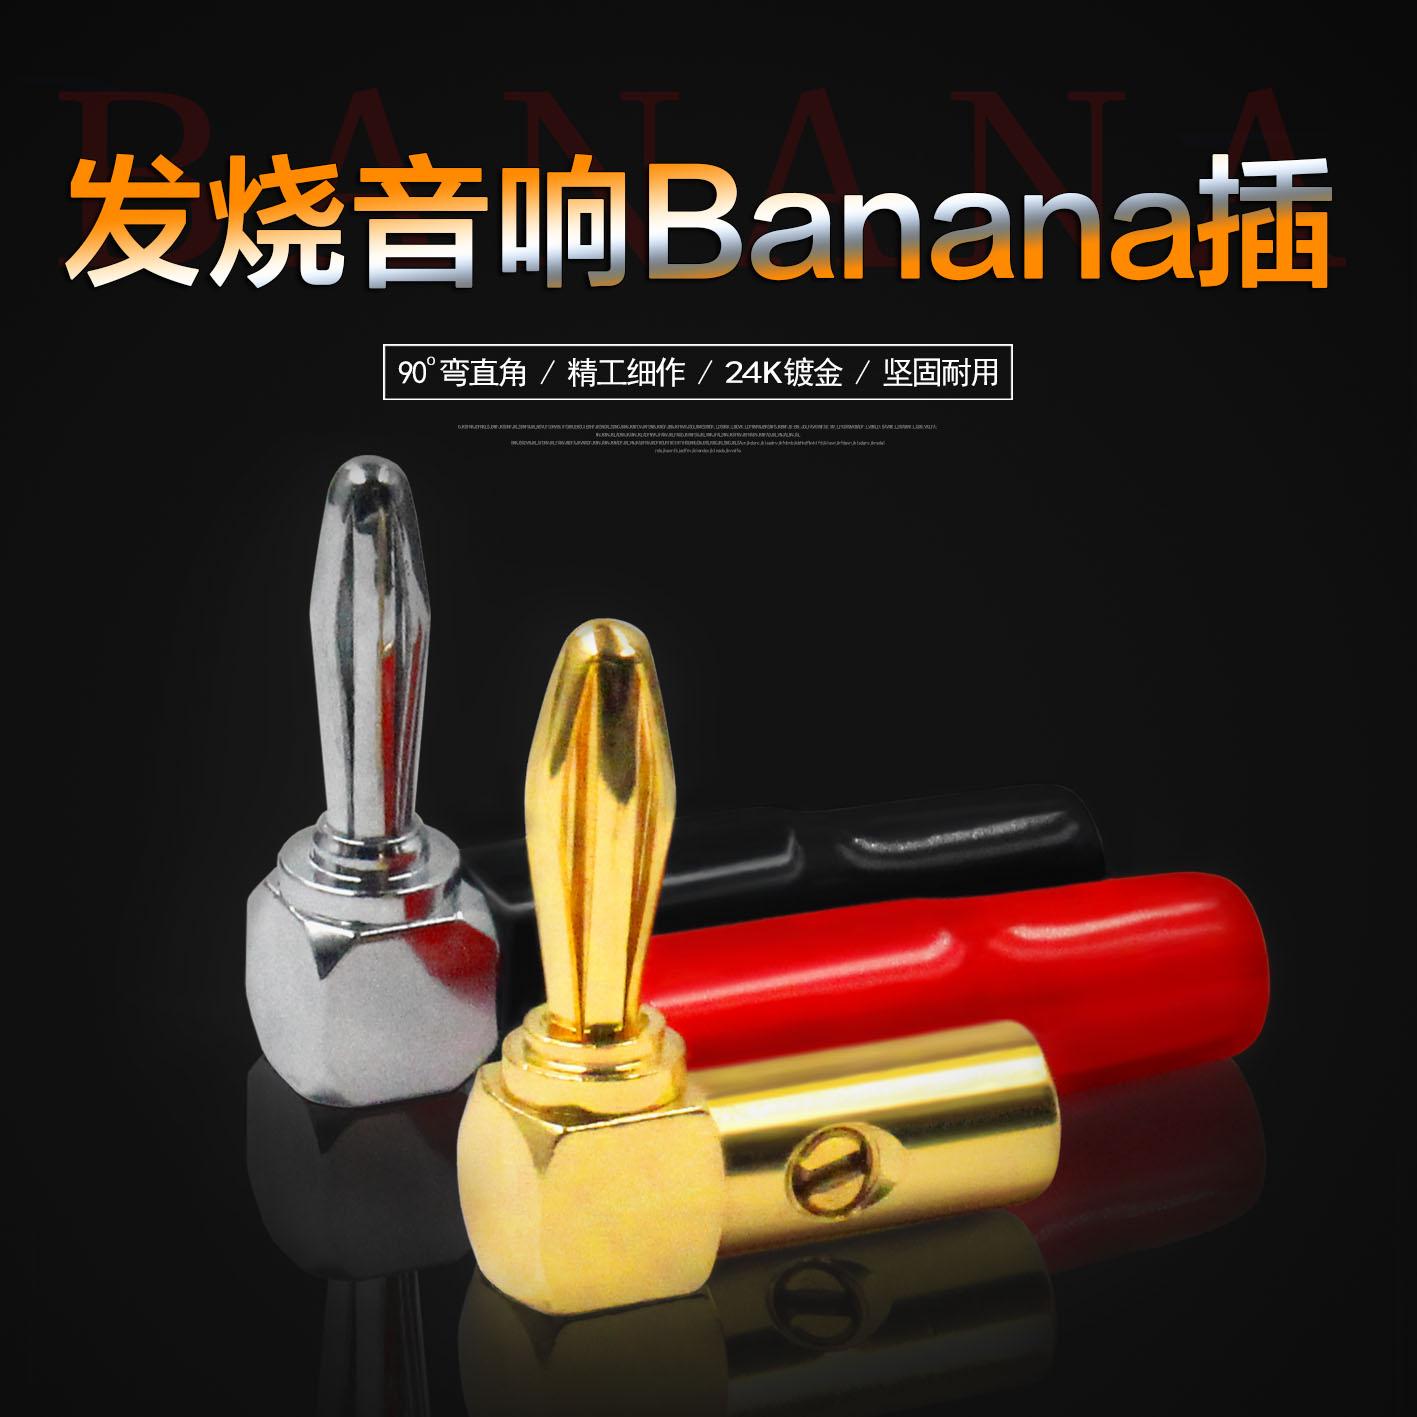 美国魔吟MVS 喇叭线香蕉头 90度直角音响插头 弯接头 接线柱插头